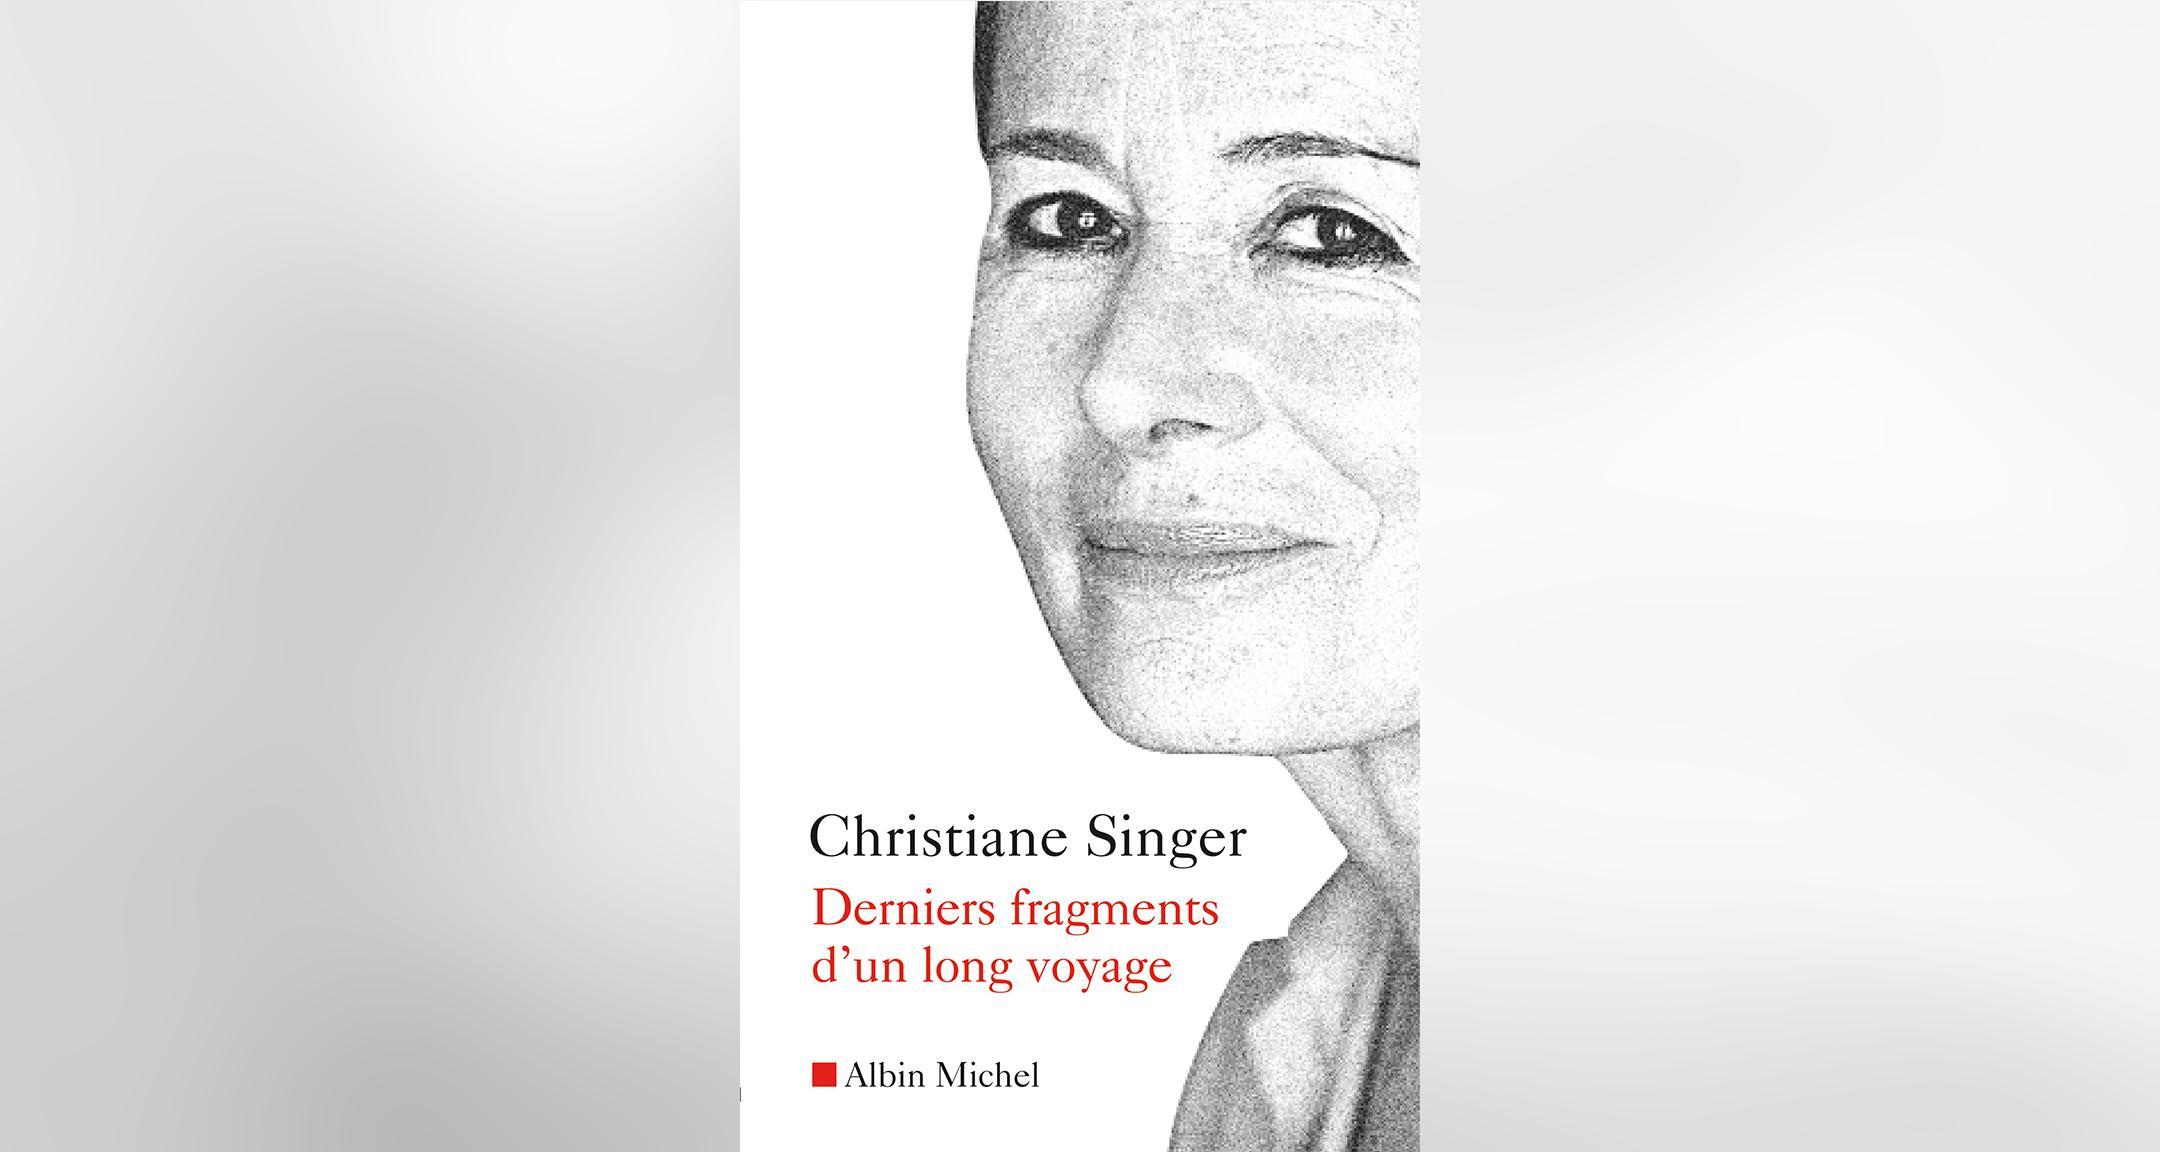 Derniers fragments d'un long voyage, Christiane Singer